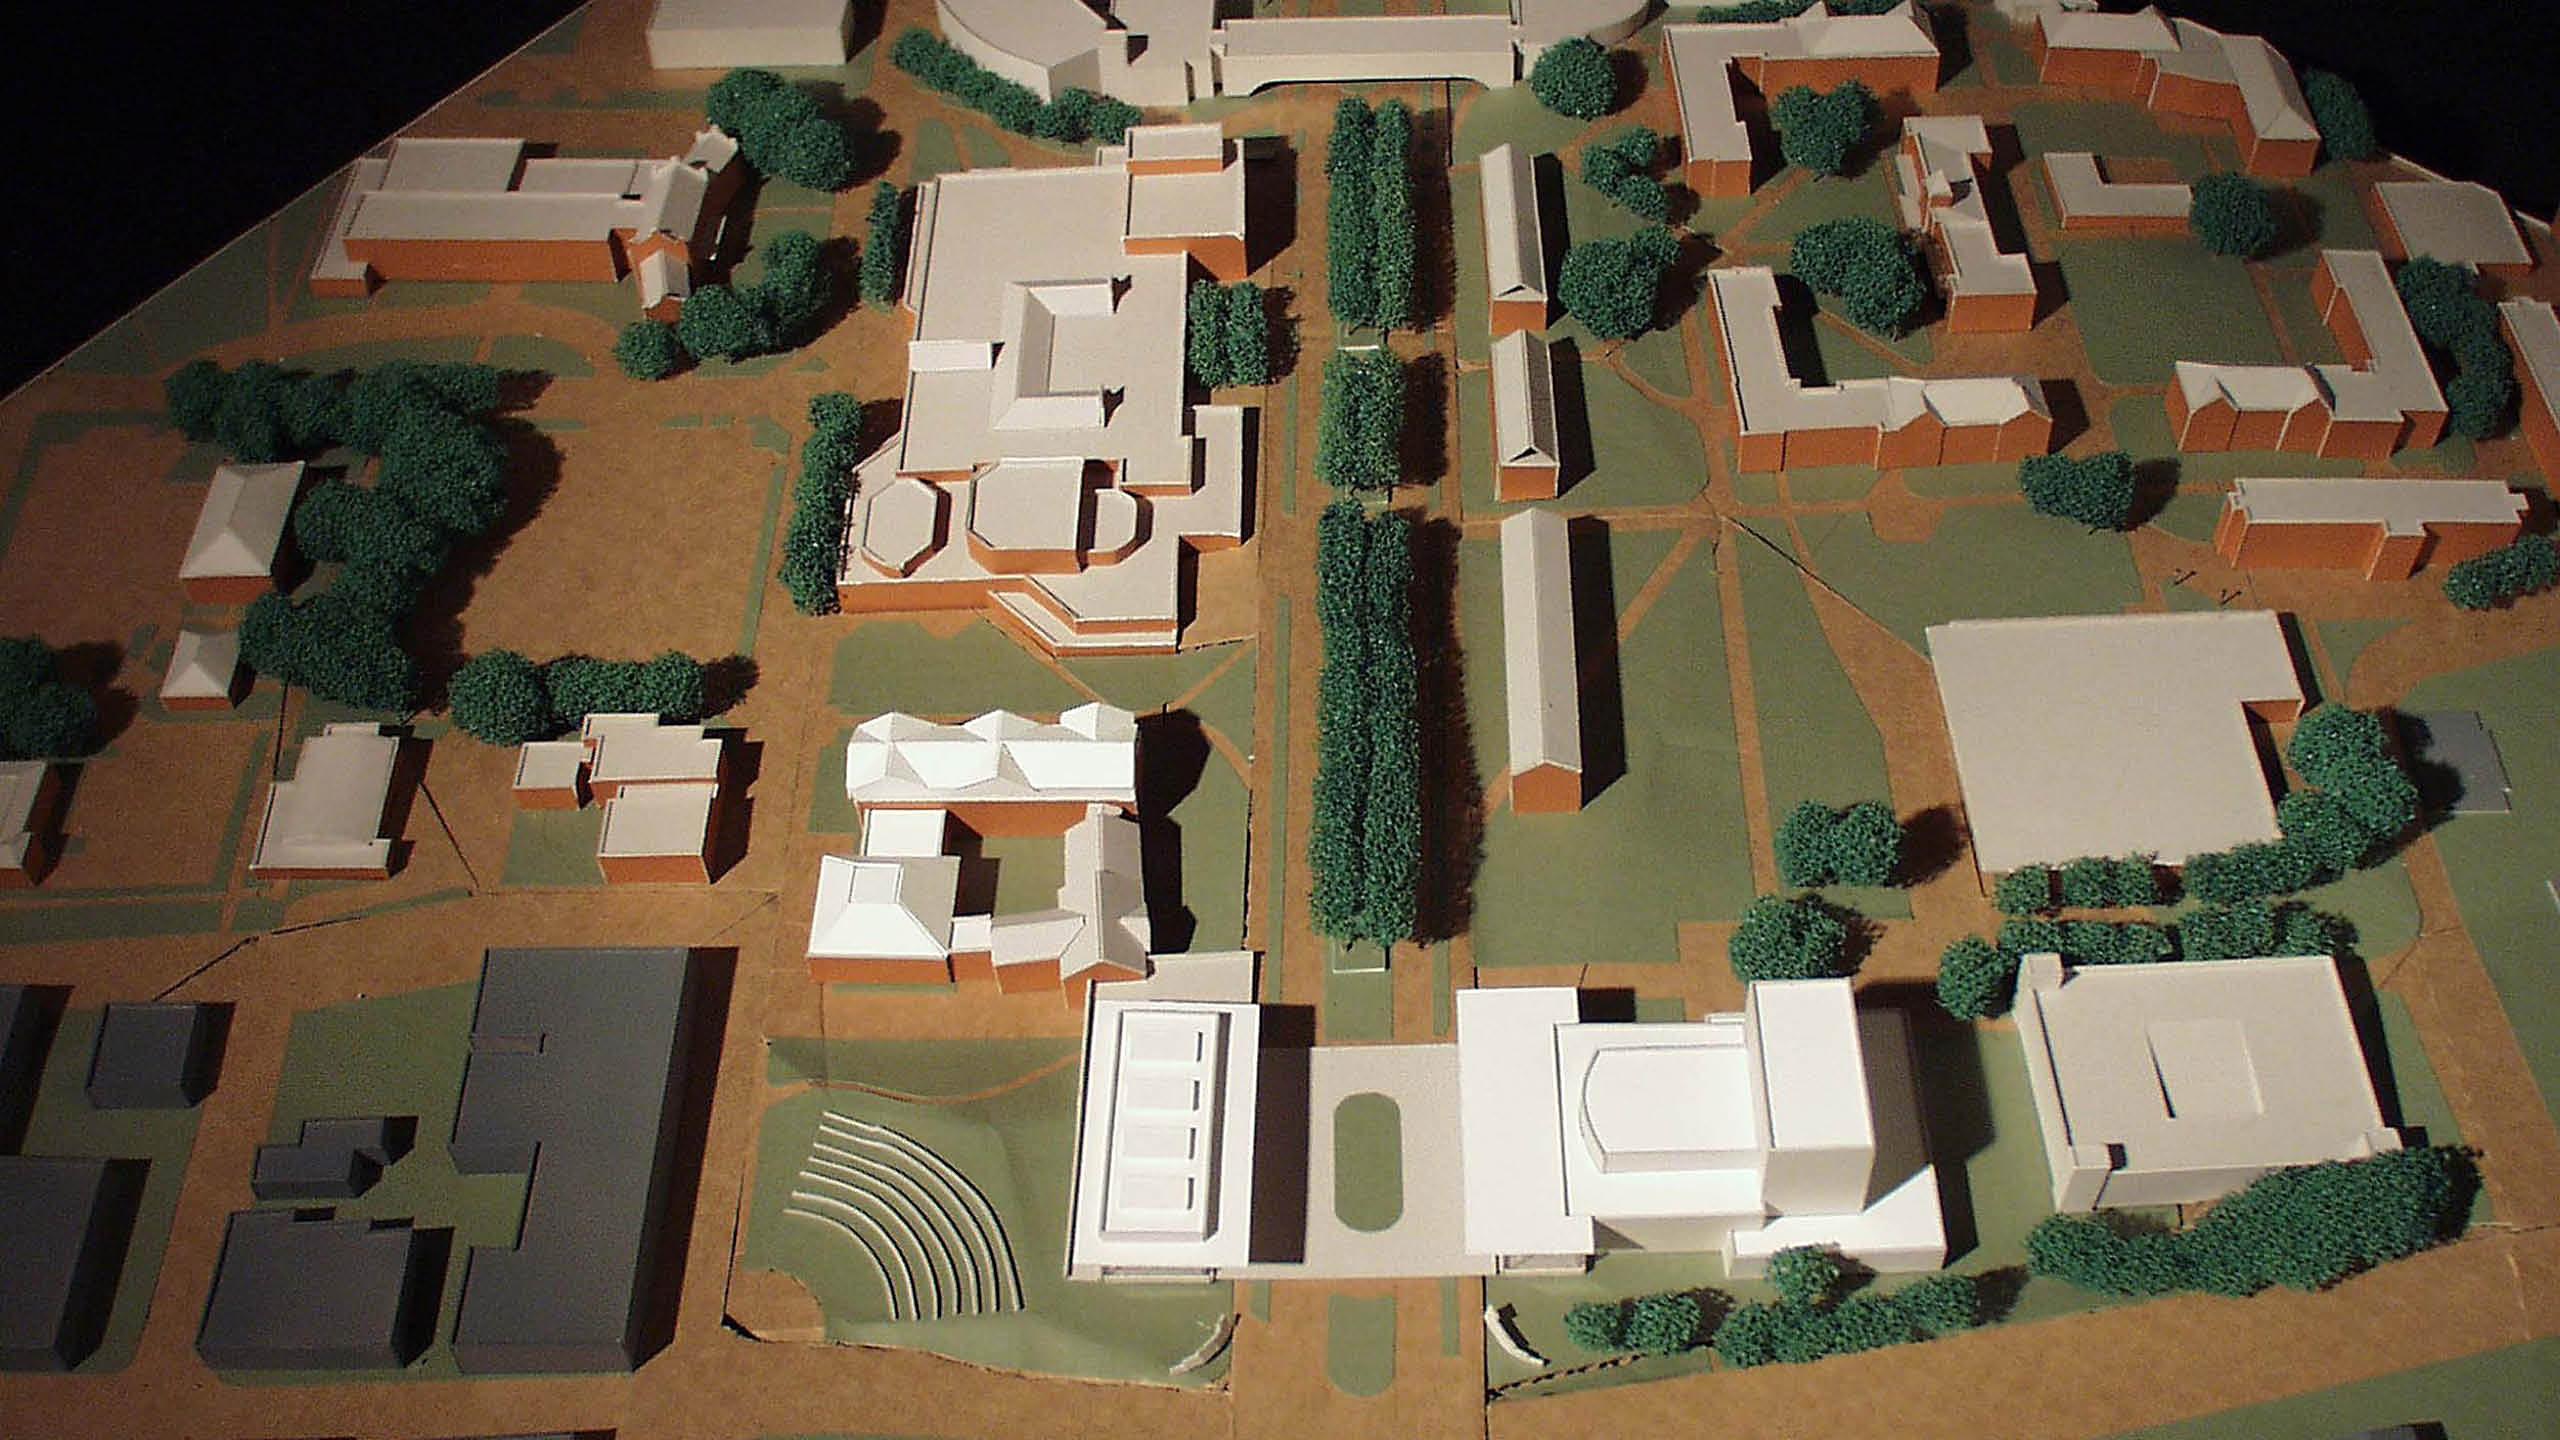 Arts Precinct Plan at Virginia Tech / image 6